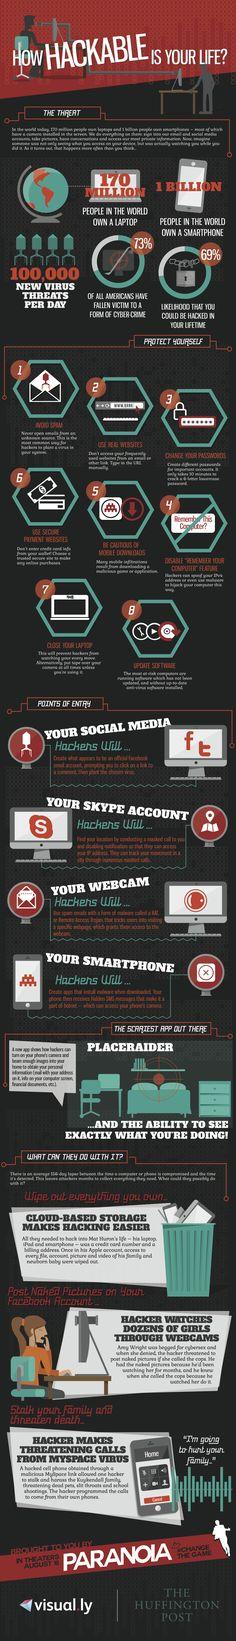 Â¿Tu vida es hackeable? #infografia #infographic#internet | TICs y Formación en WordPress.com.